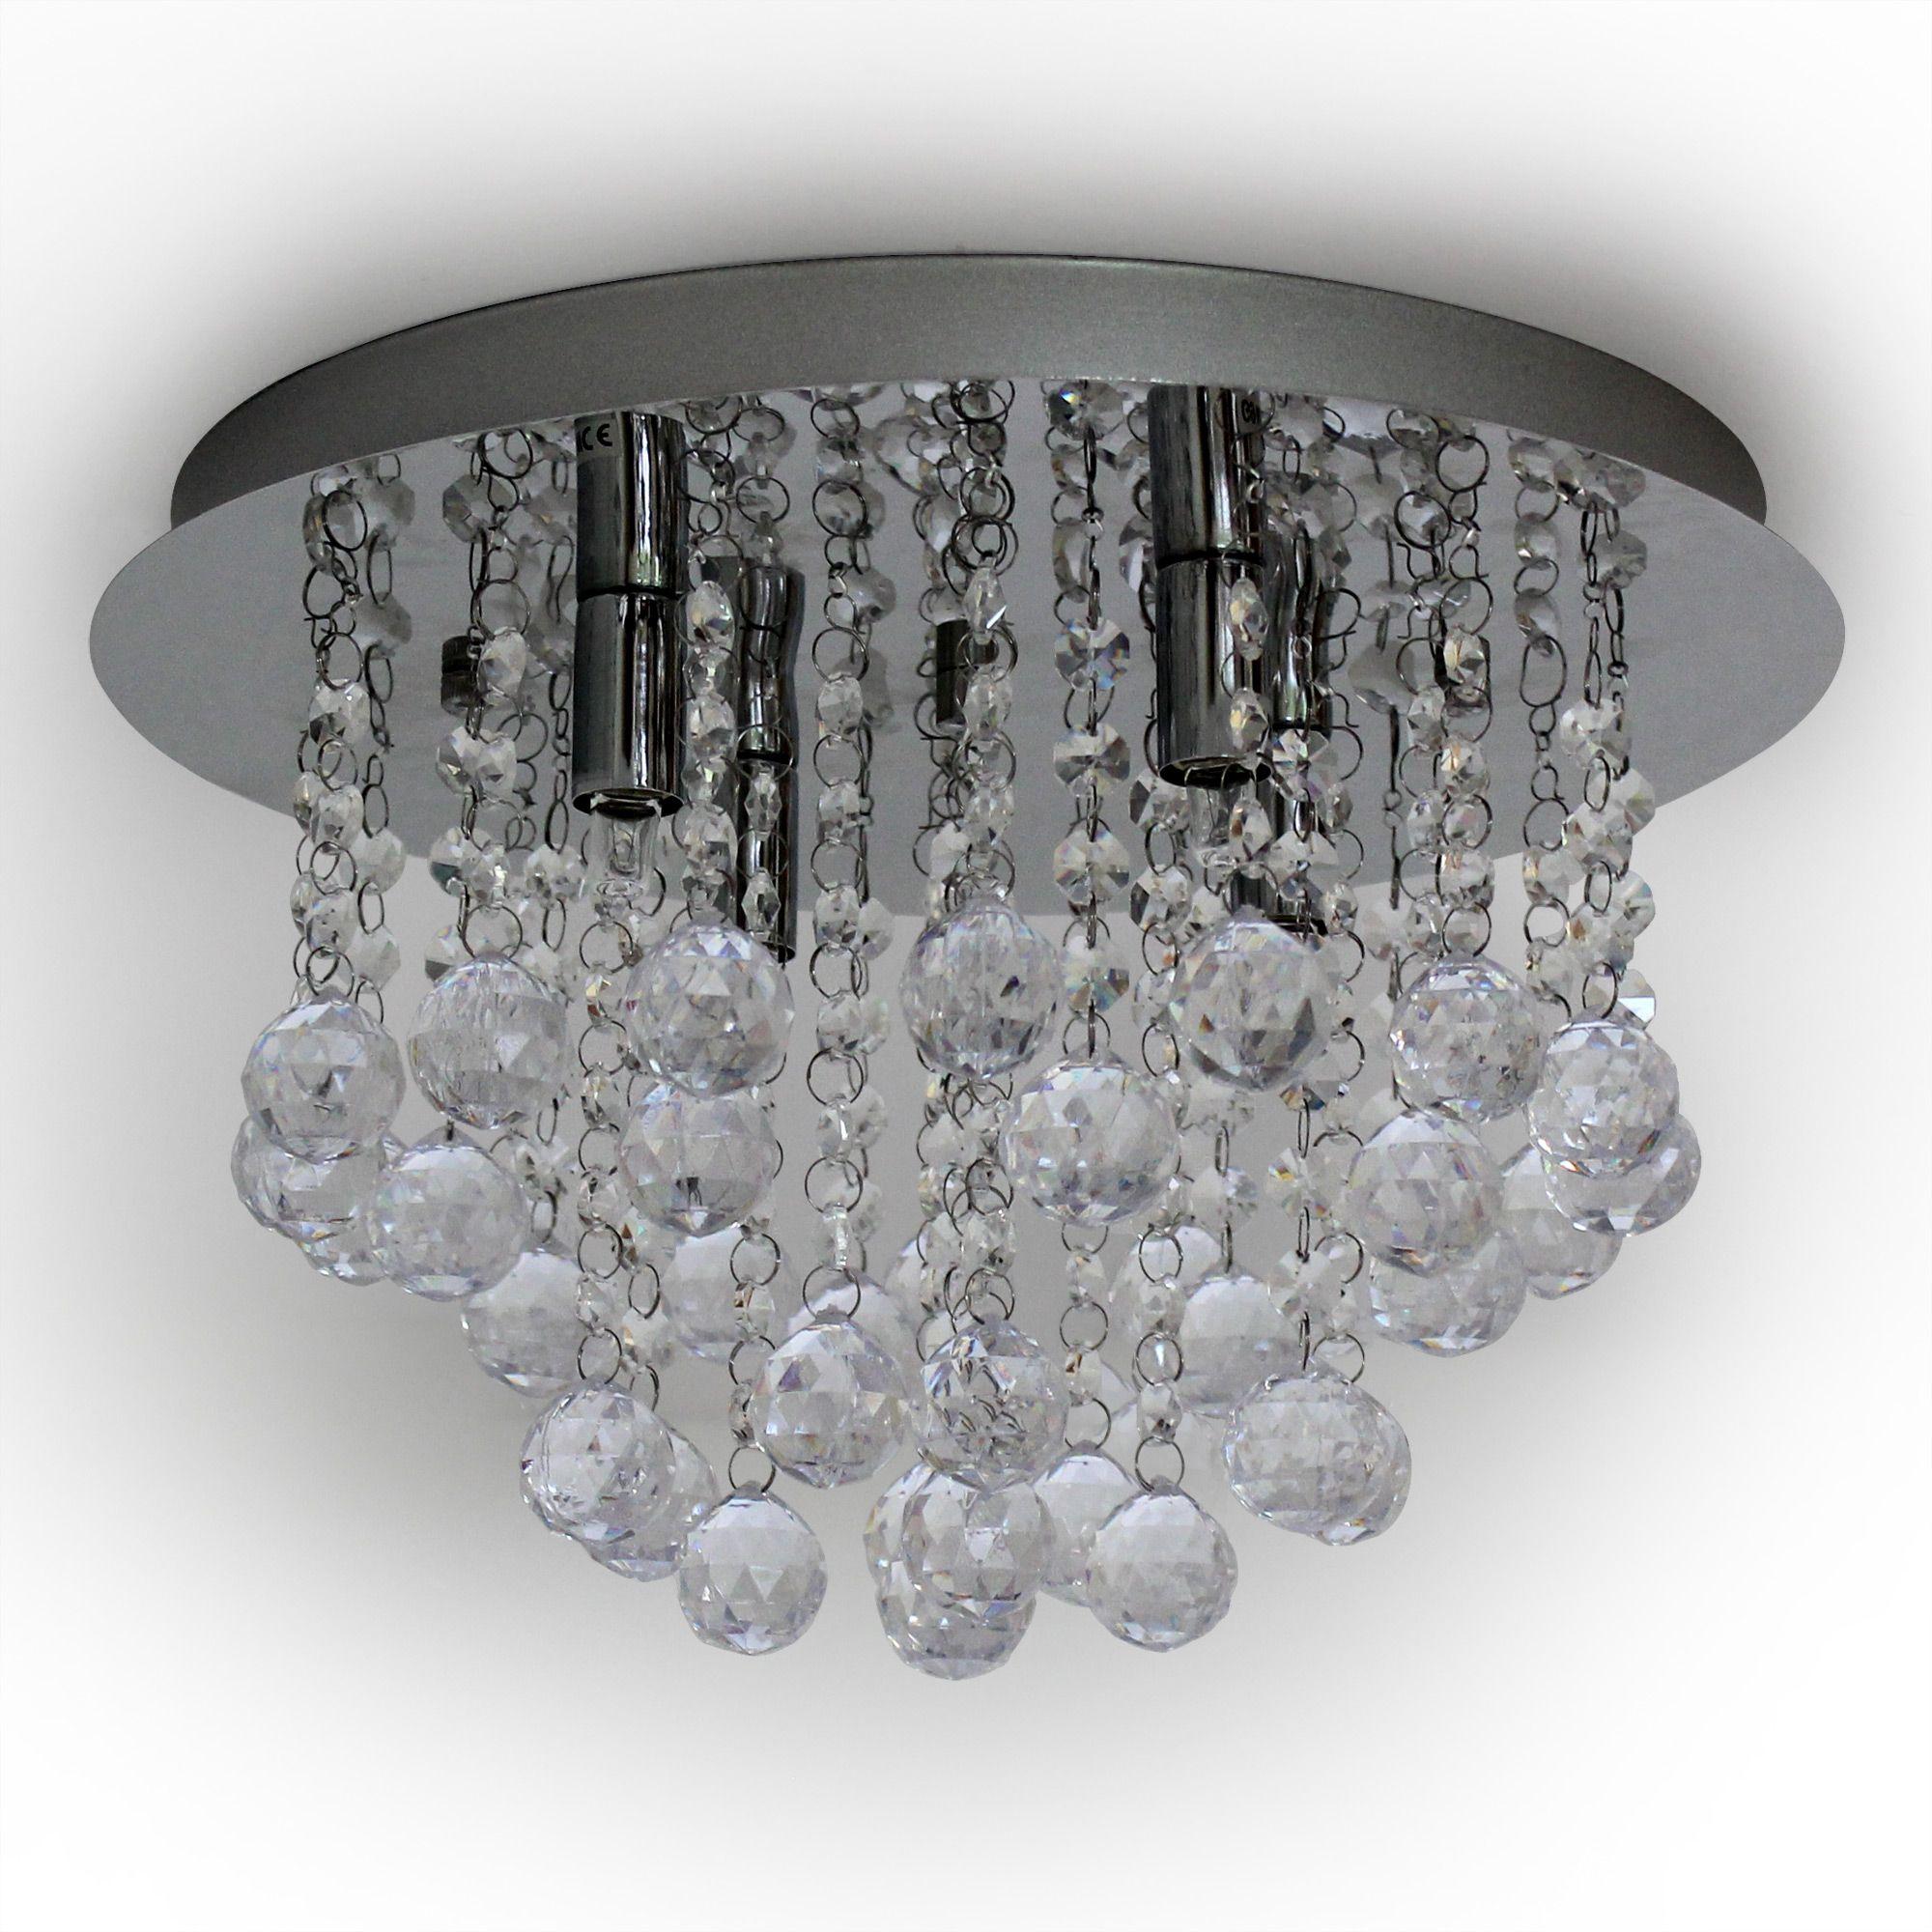 luxpro led kristall deckenleuchte 28cm deckenlampe 3xg9. Black Bedroom Furniture Sets. Home Design Ideas